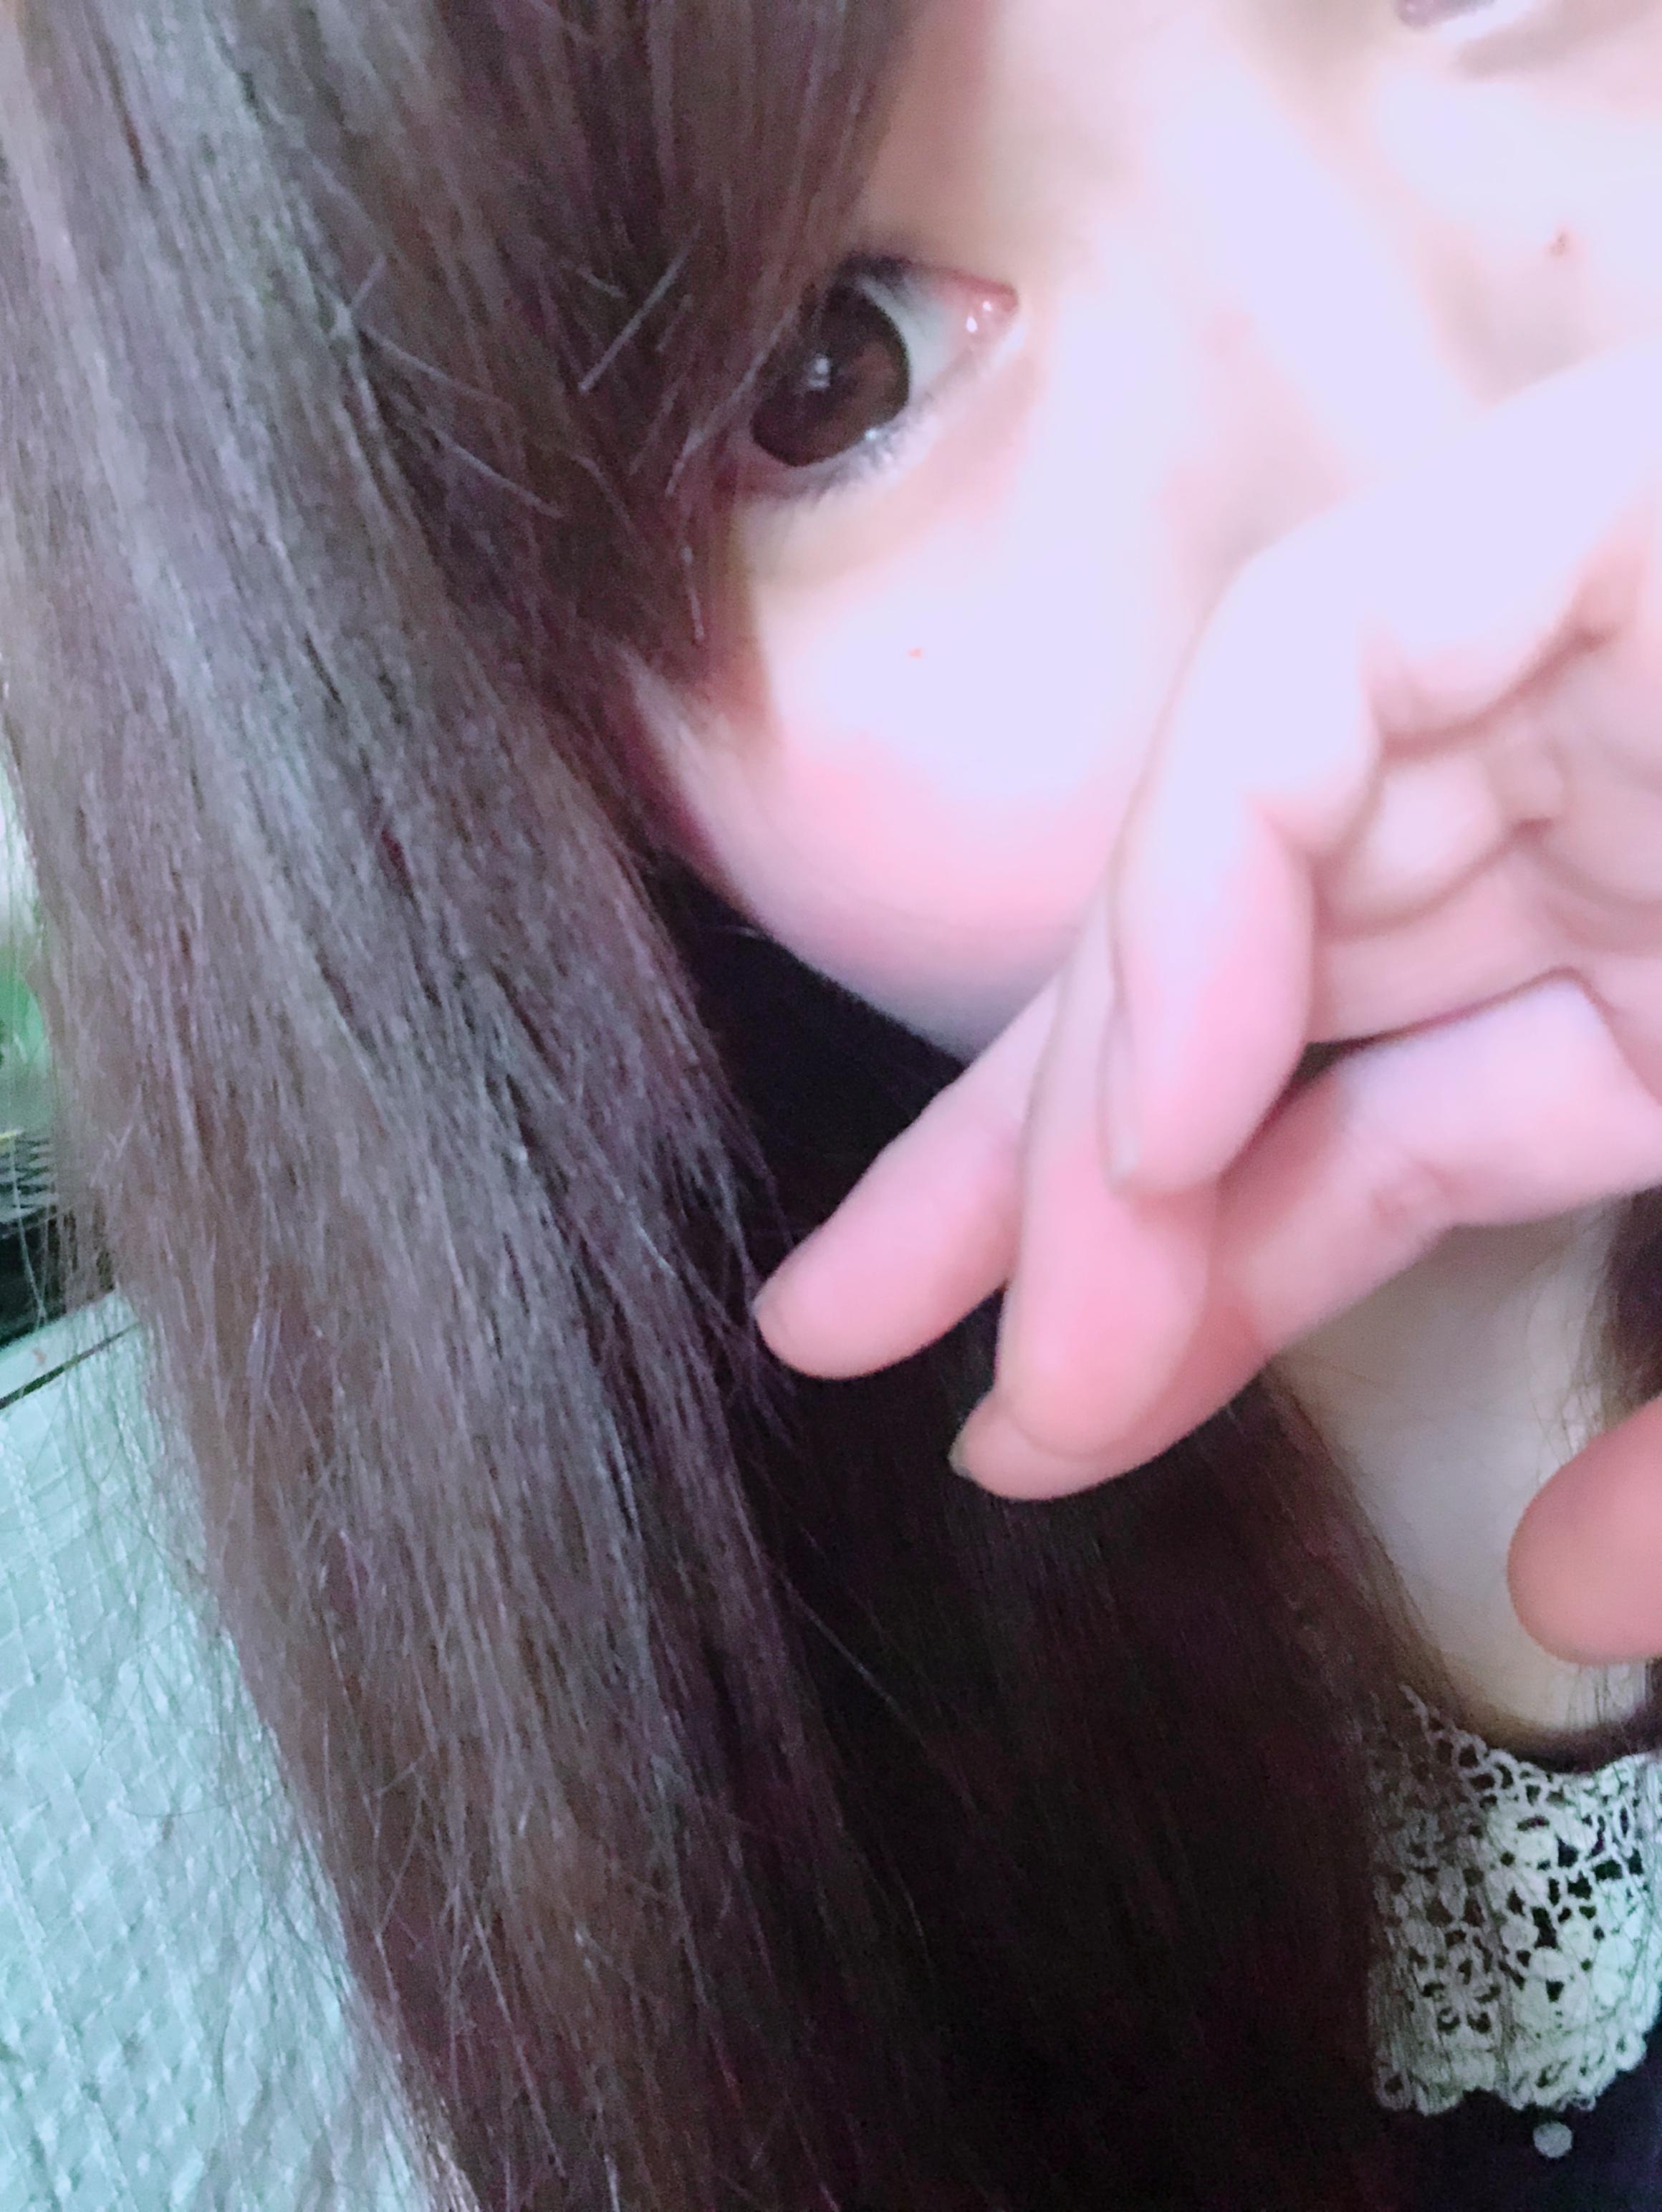 「おはよう!」07/03(07/03) 09:45   あおいの写メ・風俗動画